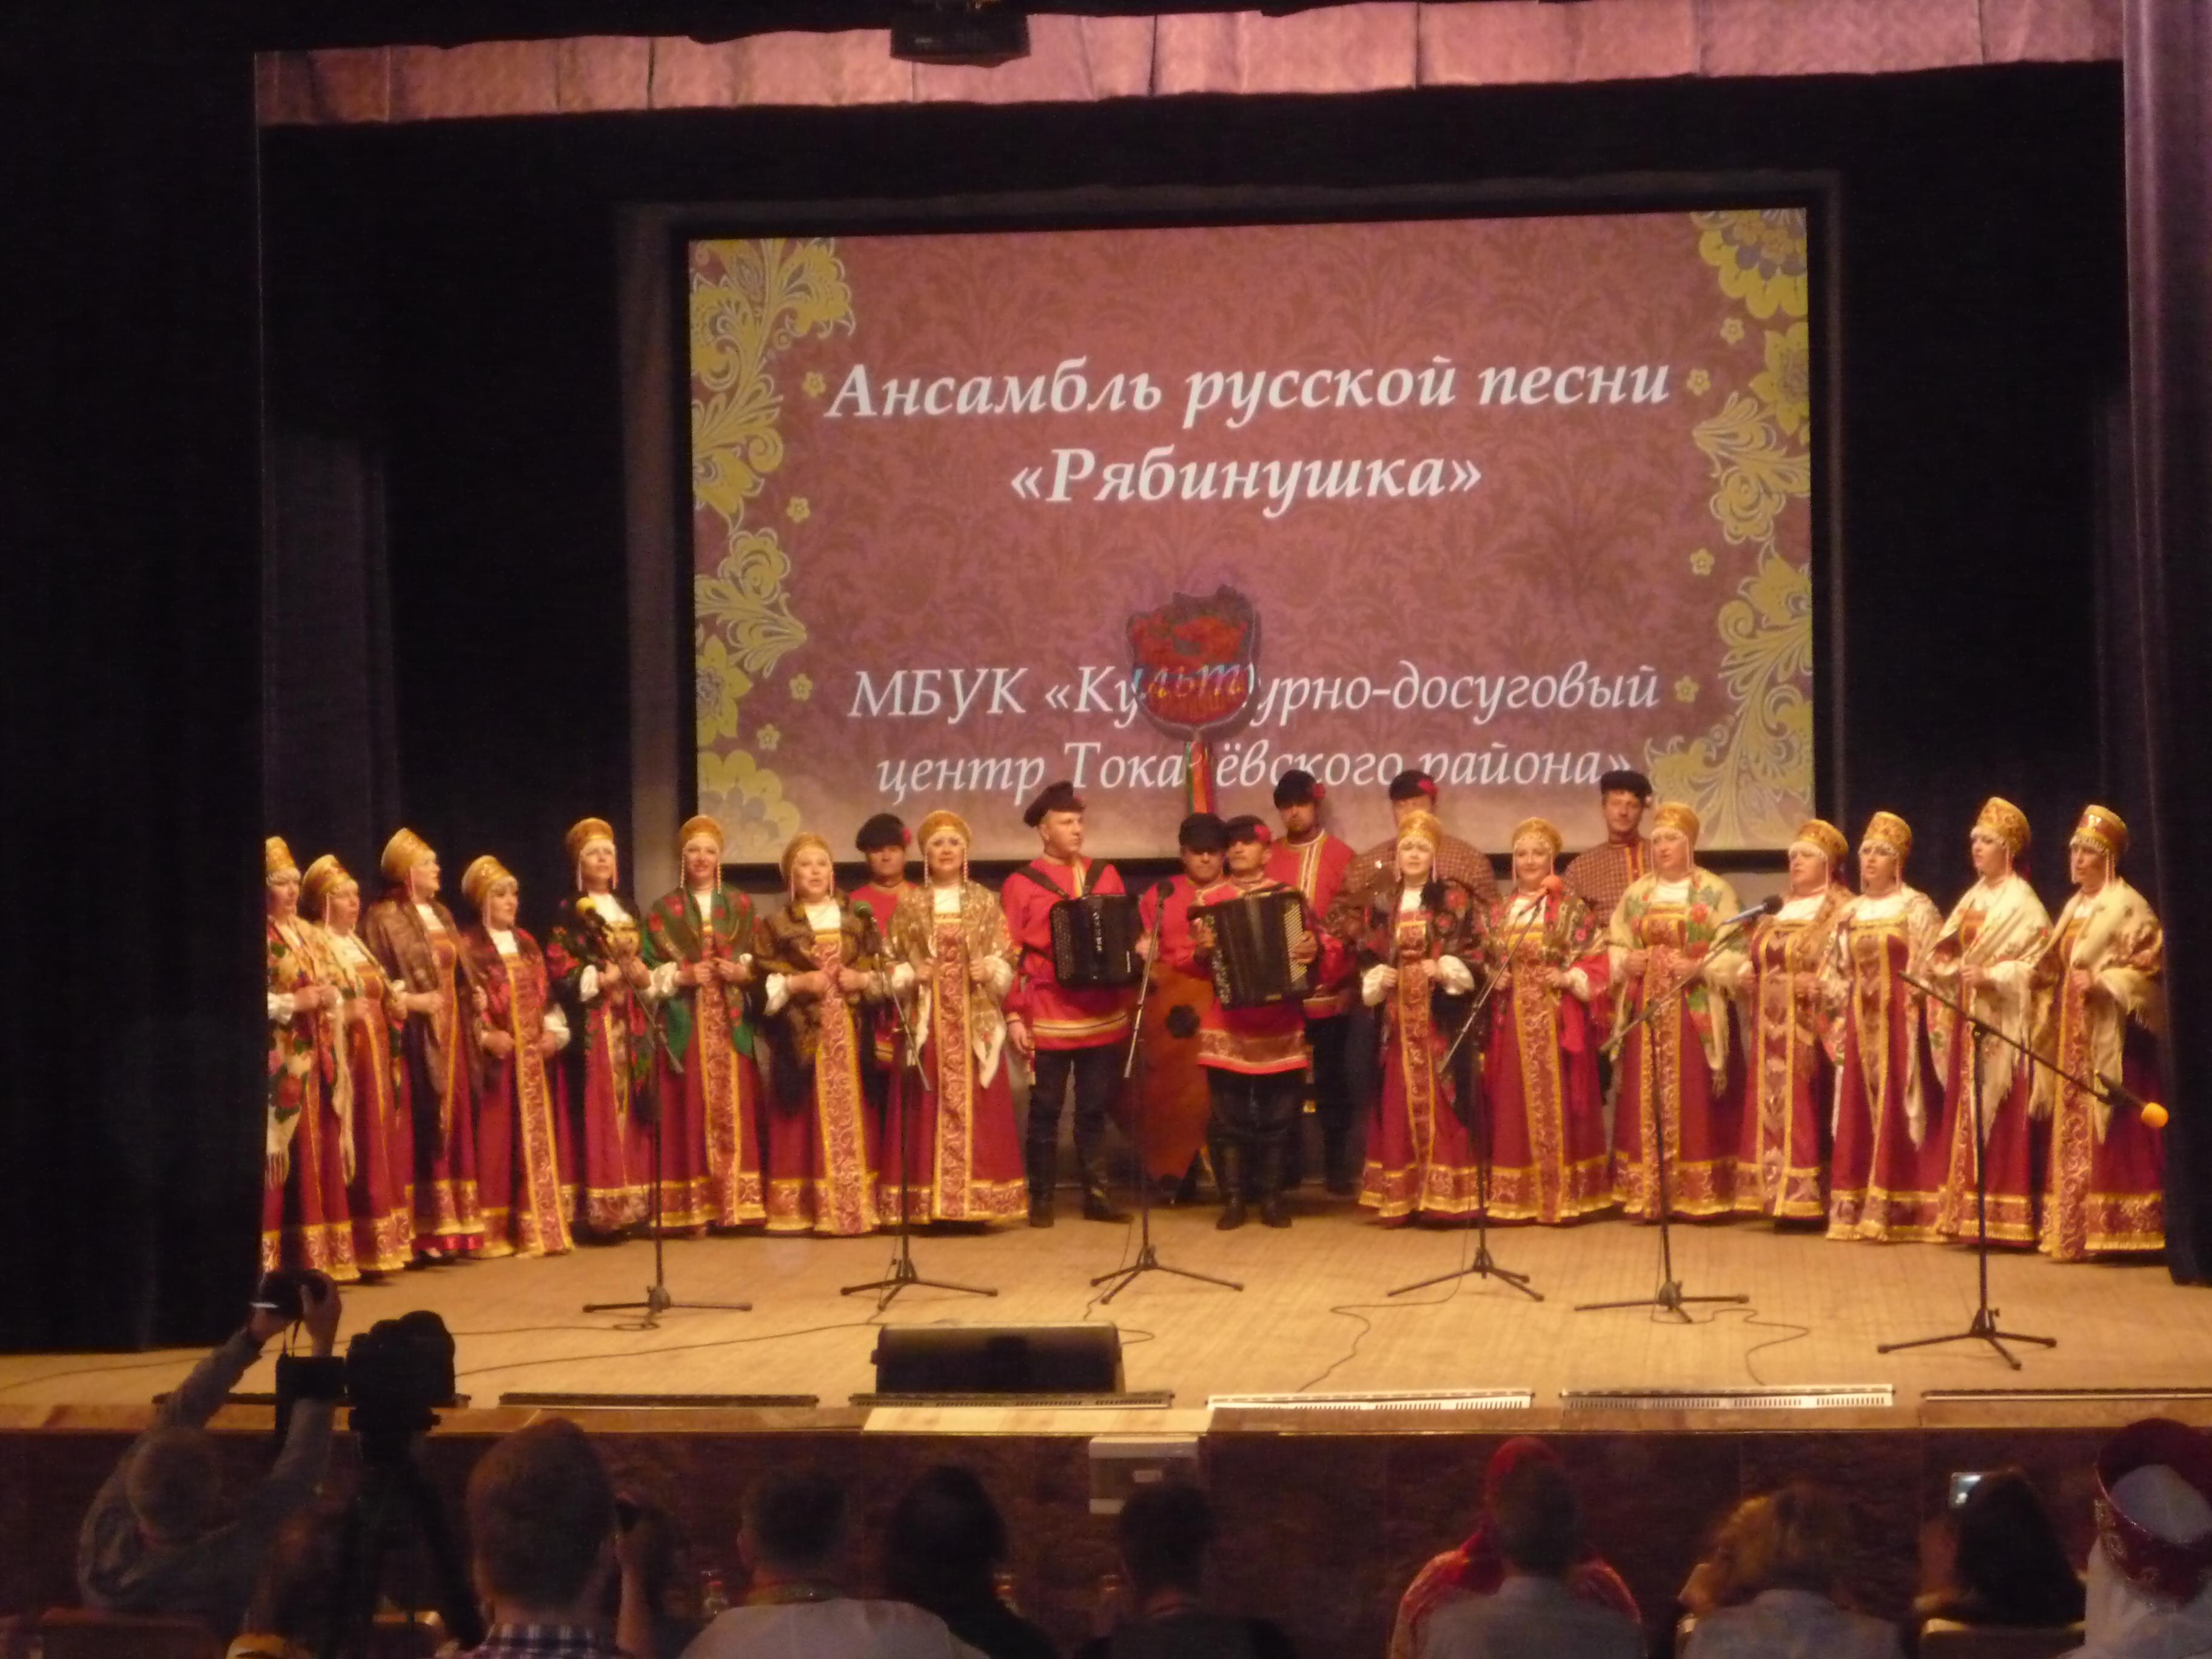 Изображение из альбома Открытый конкурс исполнителей народной песни